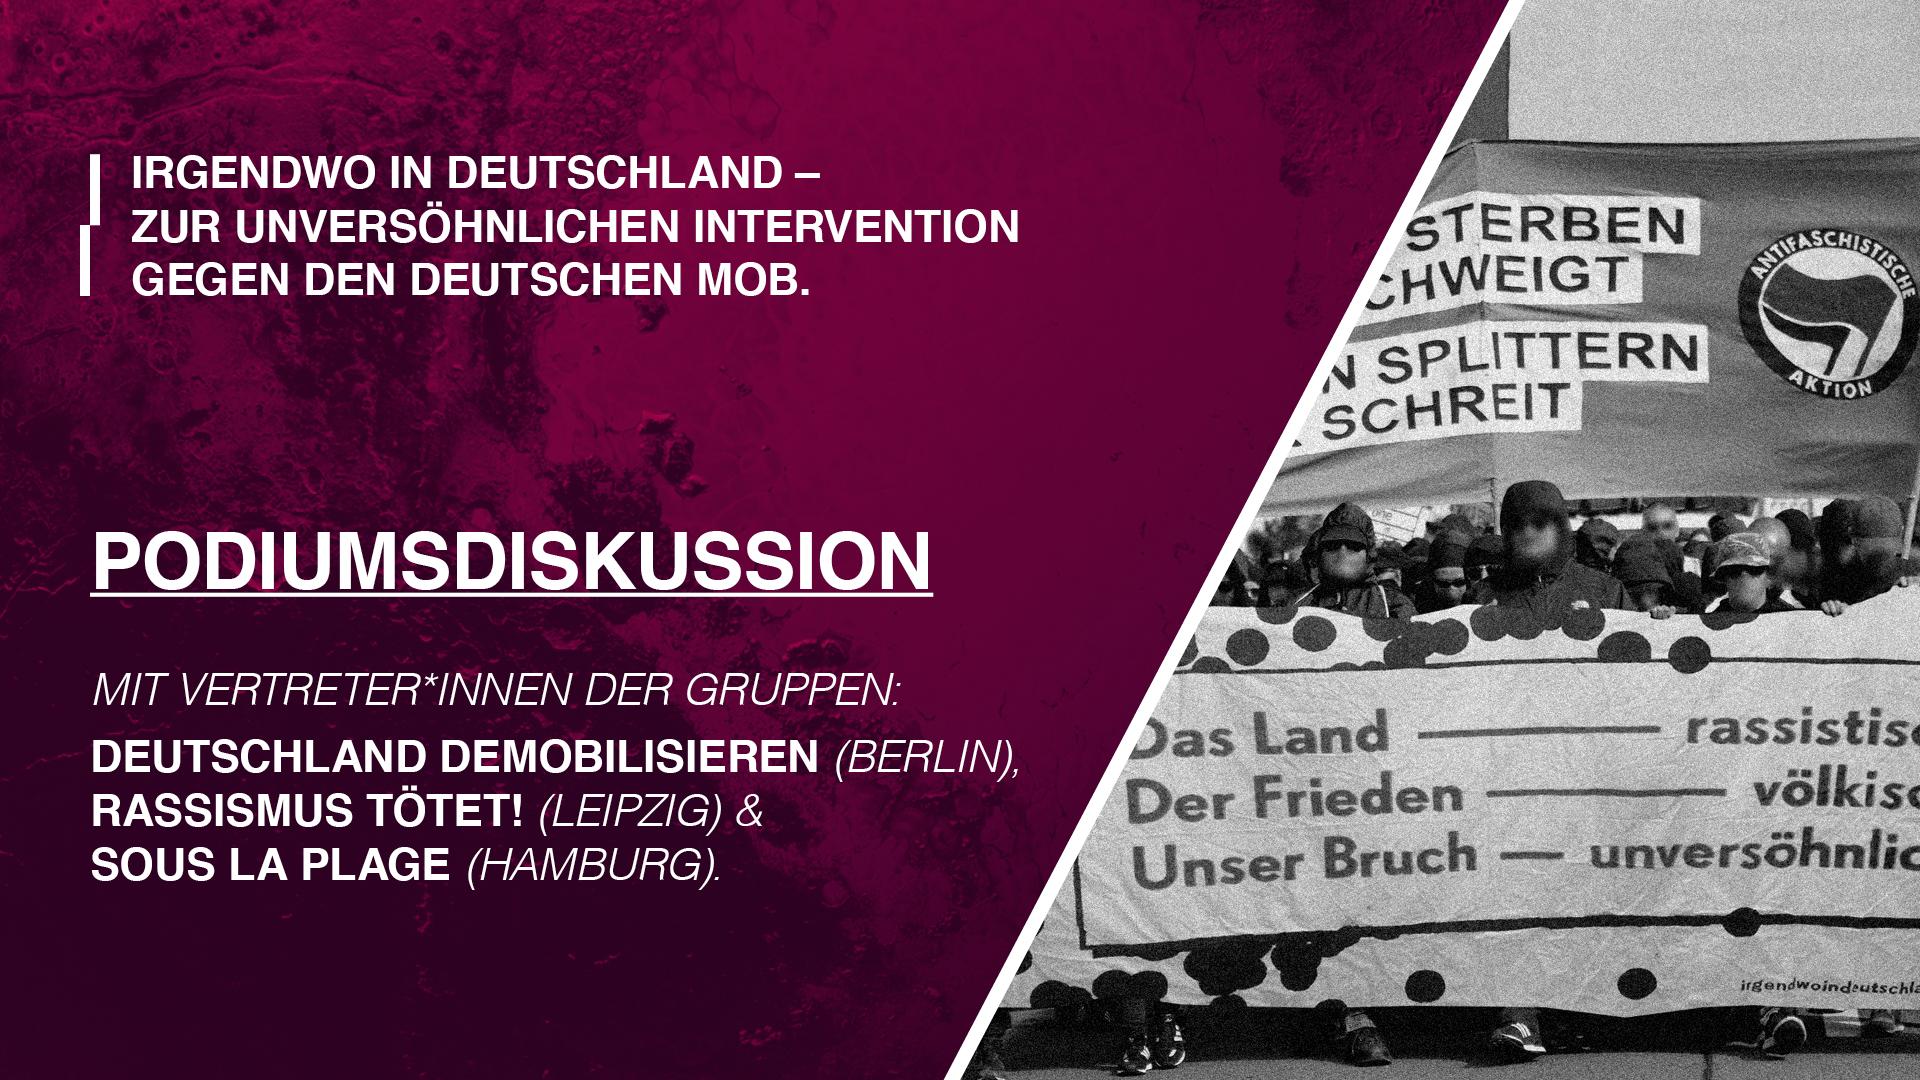 Salon: Podiumsdiskussion zur unversöhnlichen Intervention gegen den deutschen Mob